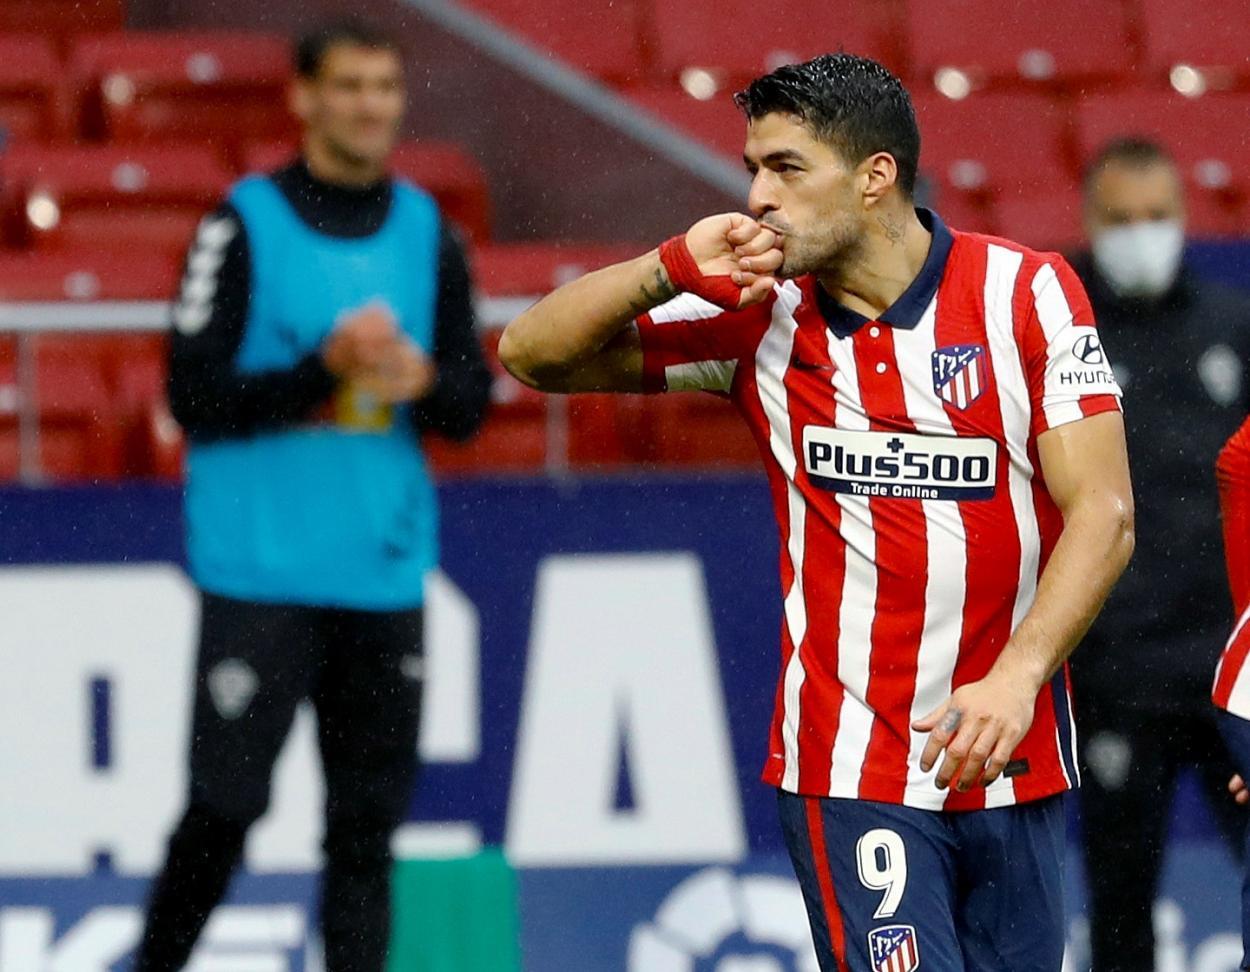 Luis Suárez, anotando su séptimo gol en la liga. / La Liga oficial